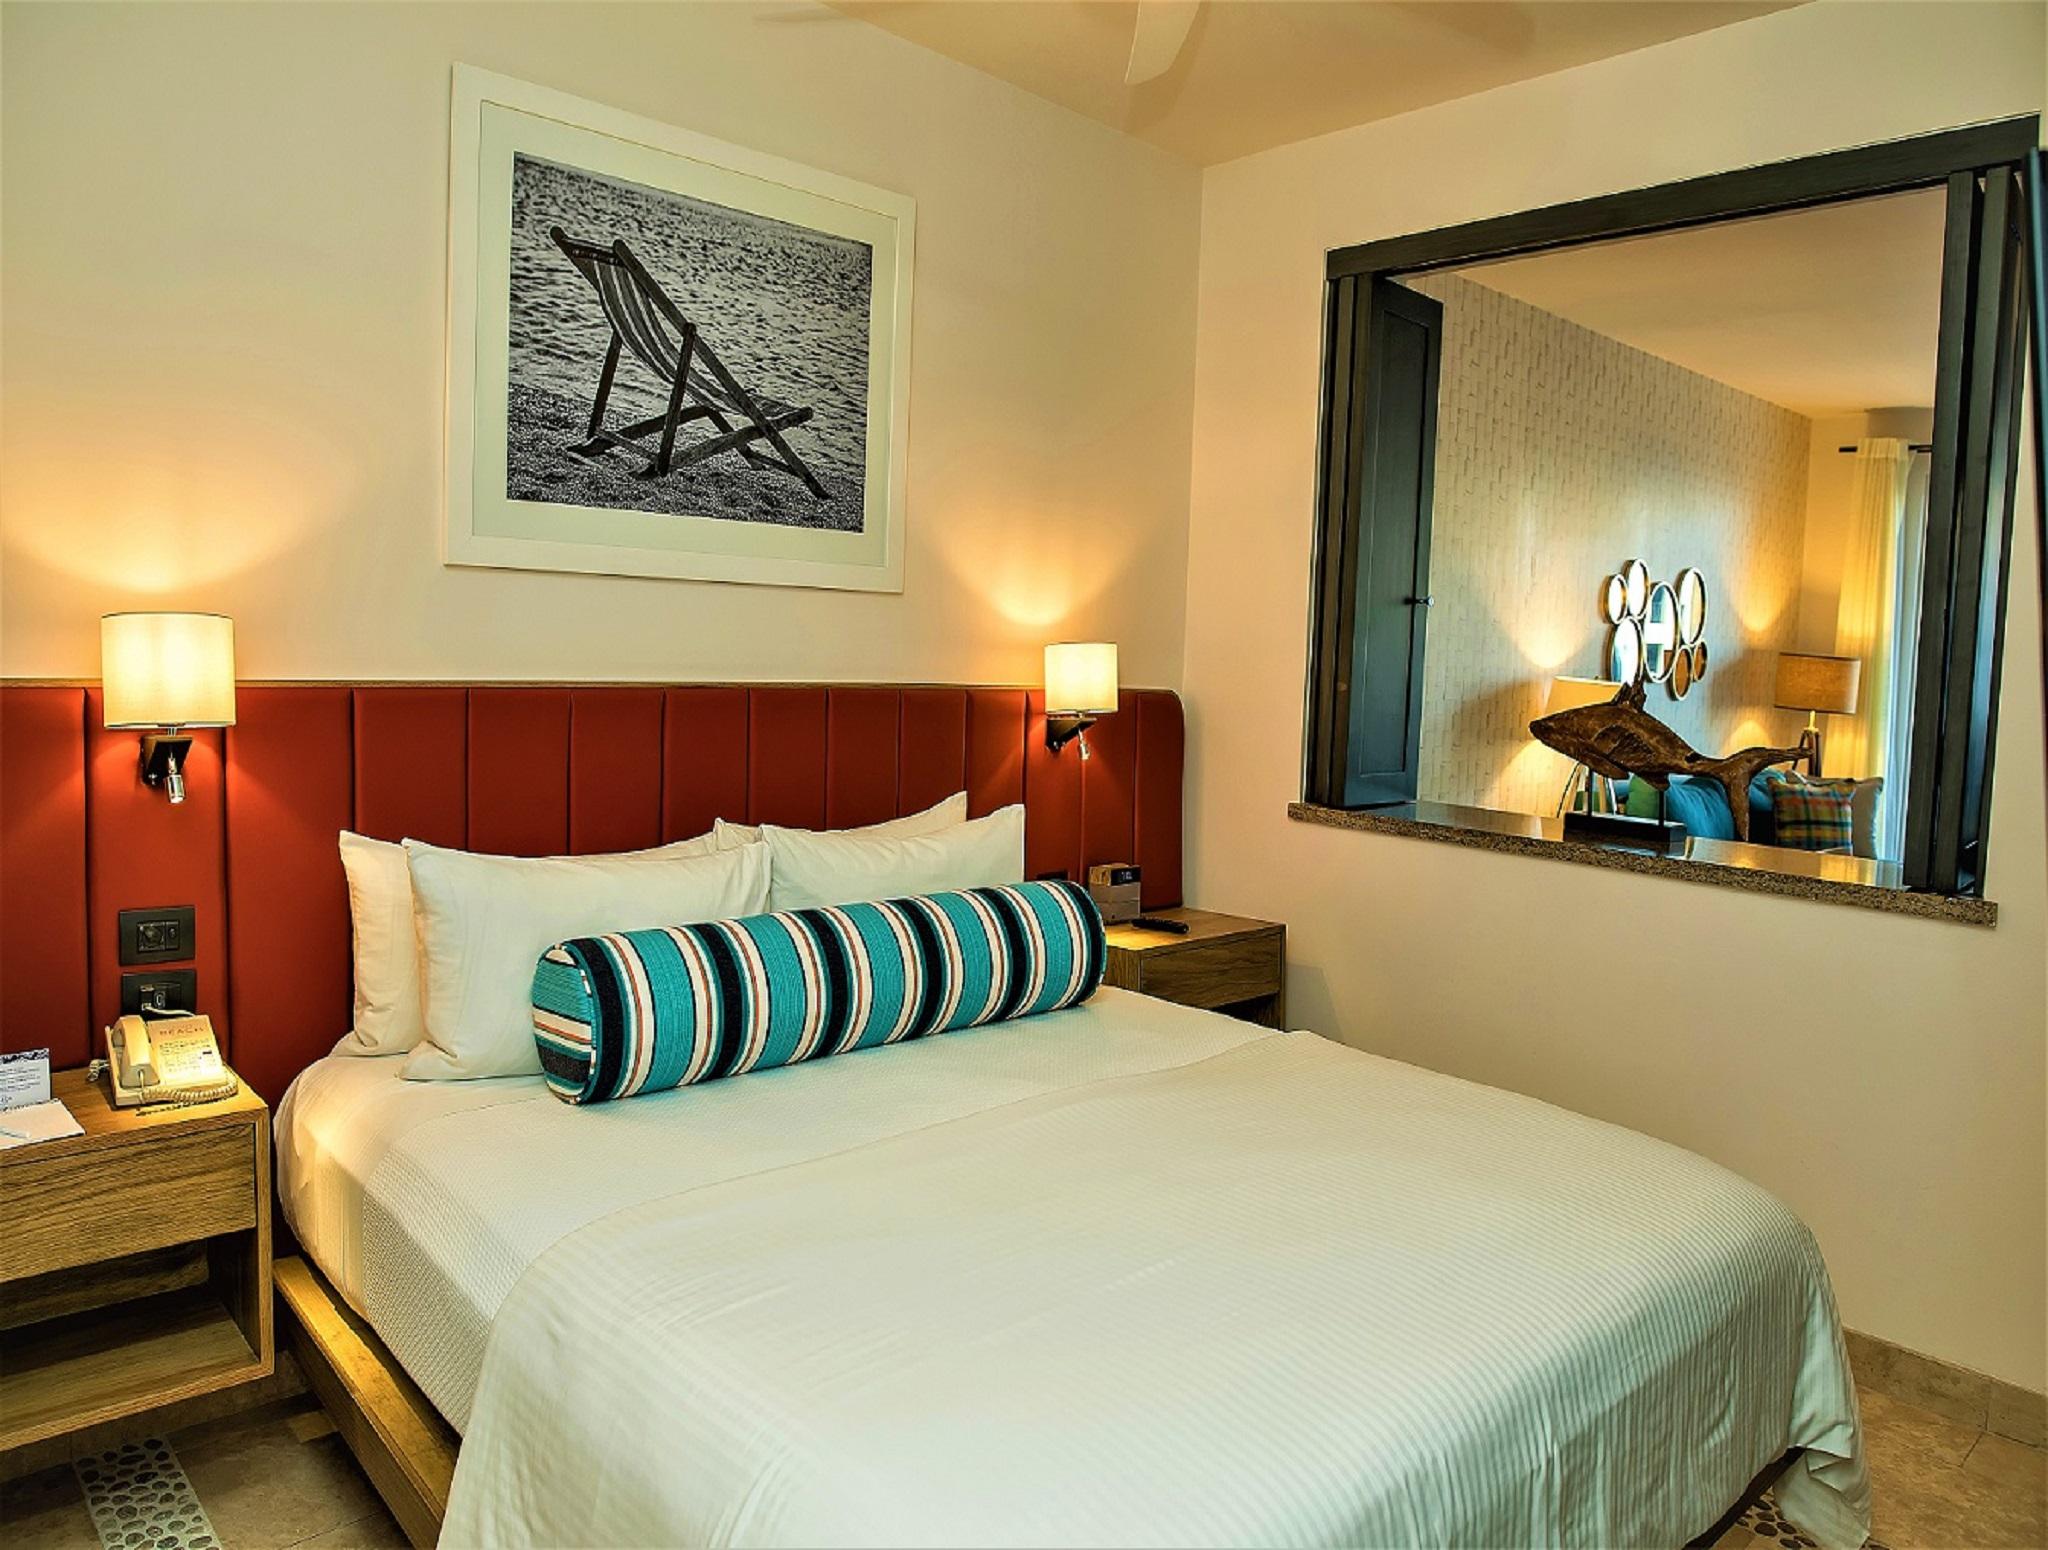 Ubernachten Sie in der Heart Of Cabo Suite mit 1 S  in Mittelamerika und Karibik